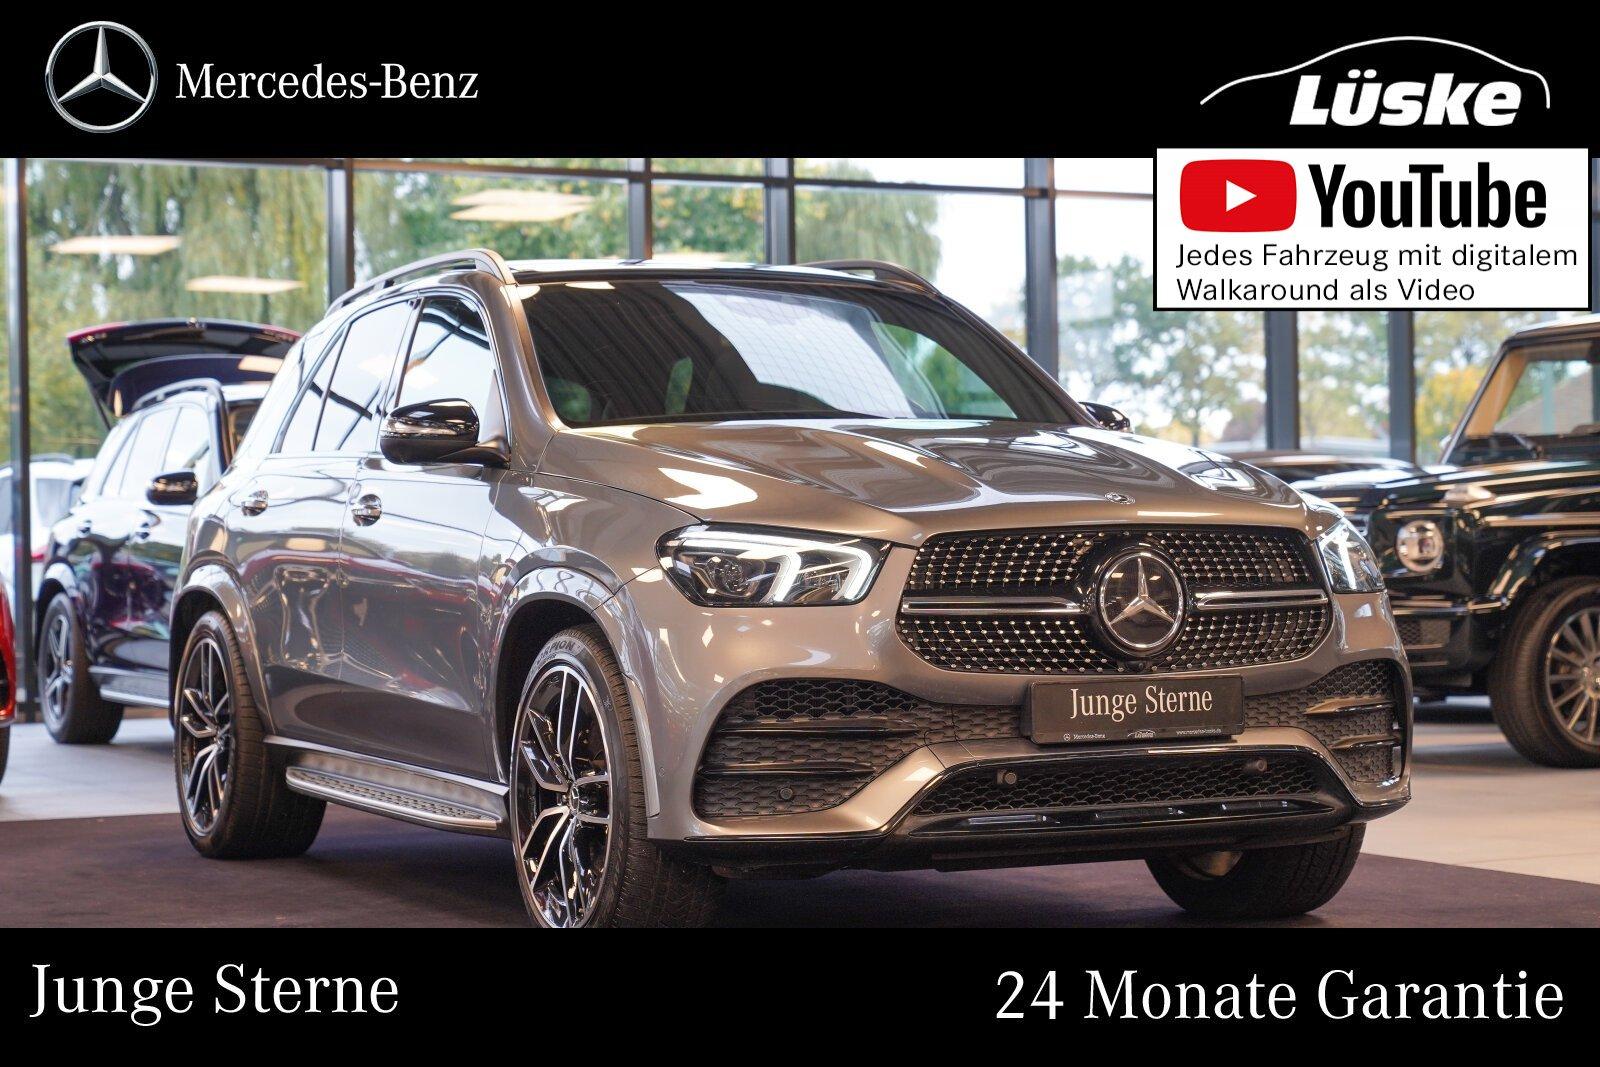 Mercedes-Benz GLE 400 d 4M AMG Line Night 22 AIR Assistenz AHK, Jahr 2019, Diesel